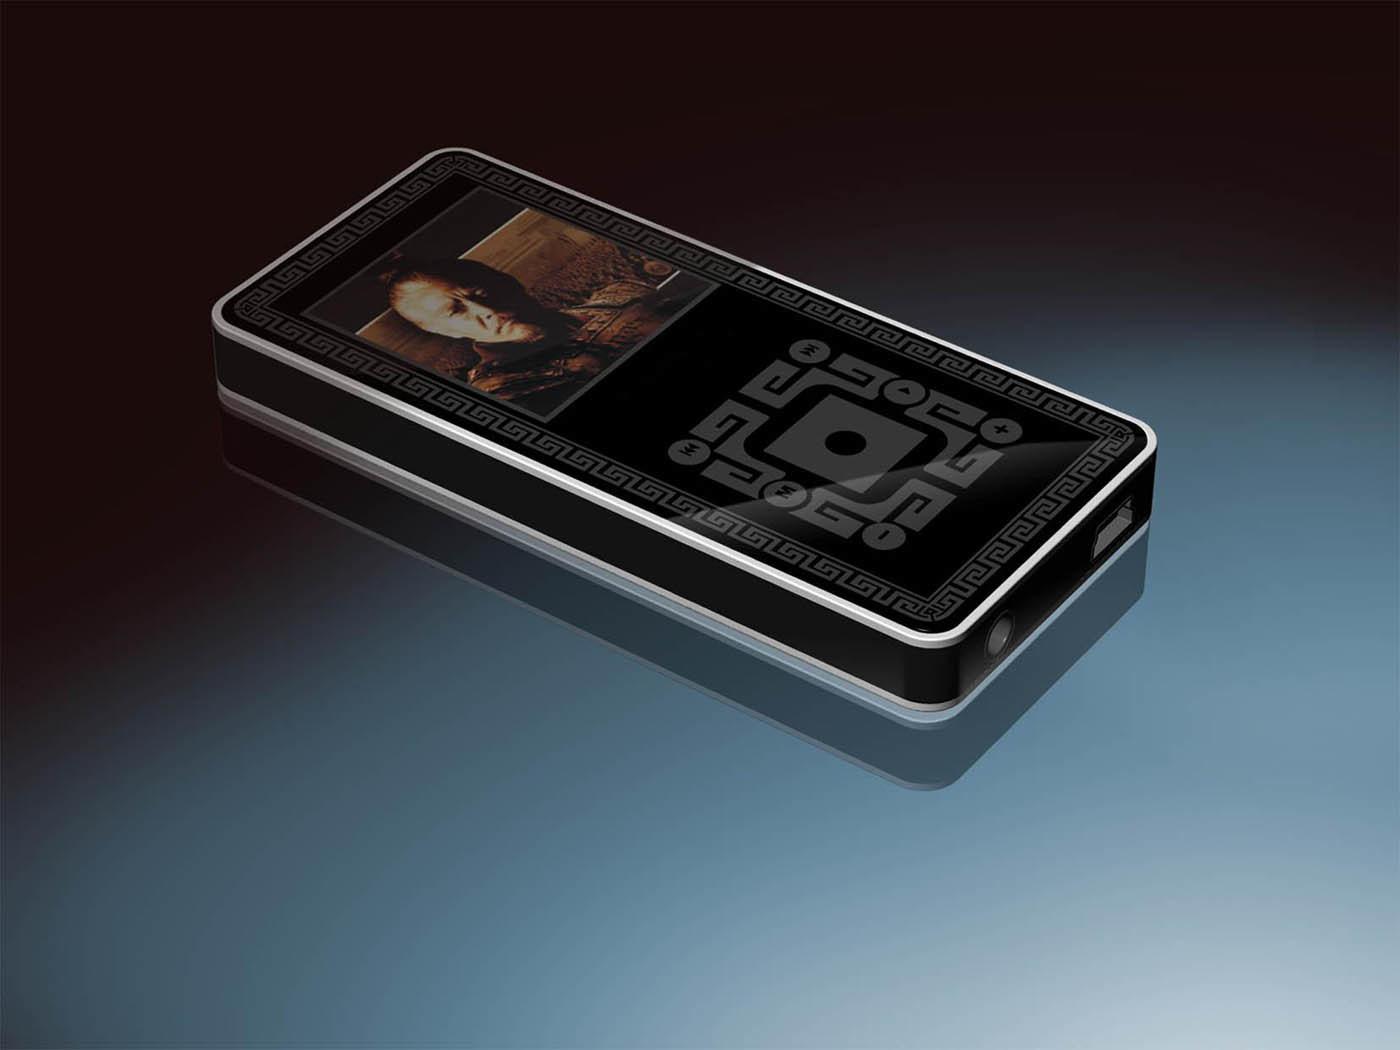 O Flash Player MP3 (IRFM9013)